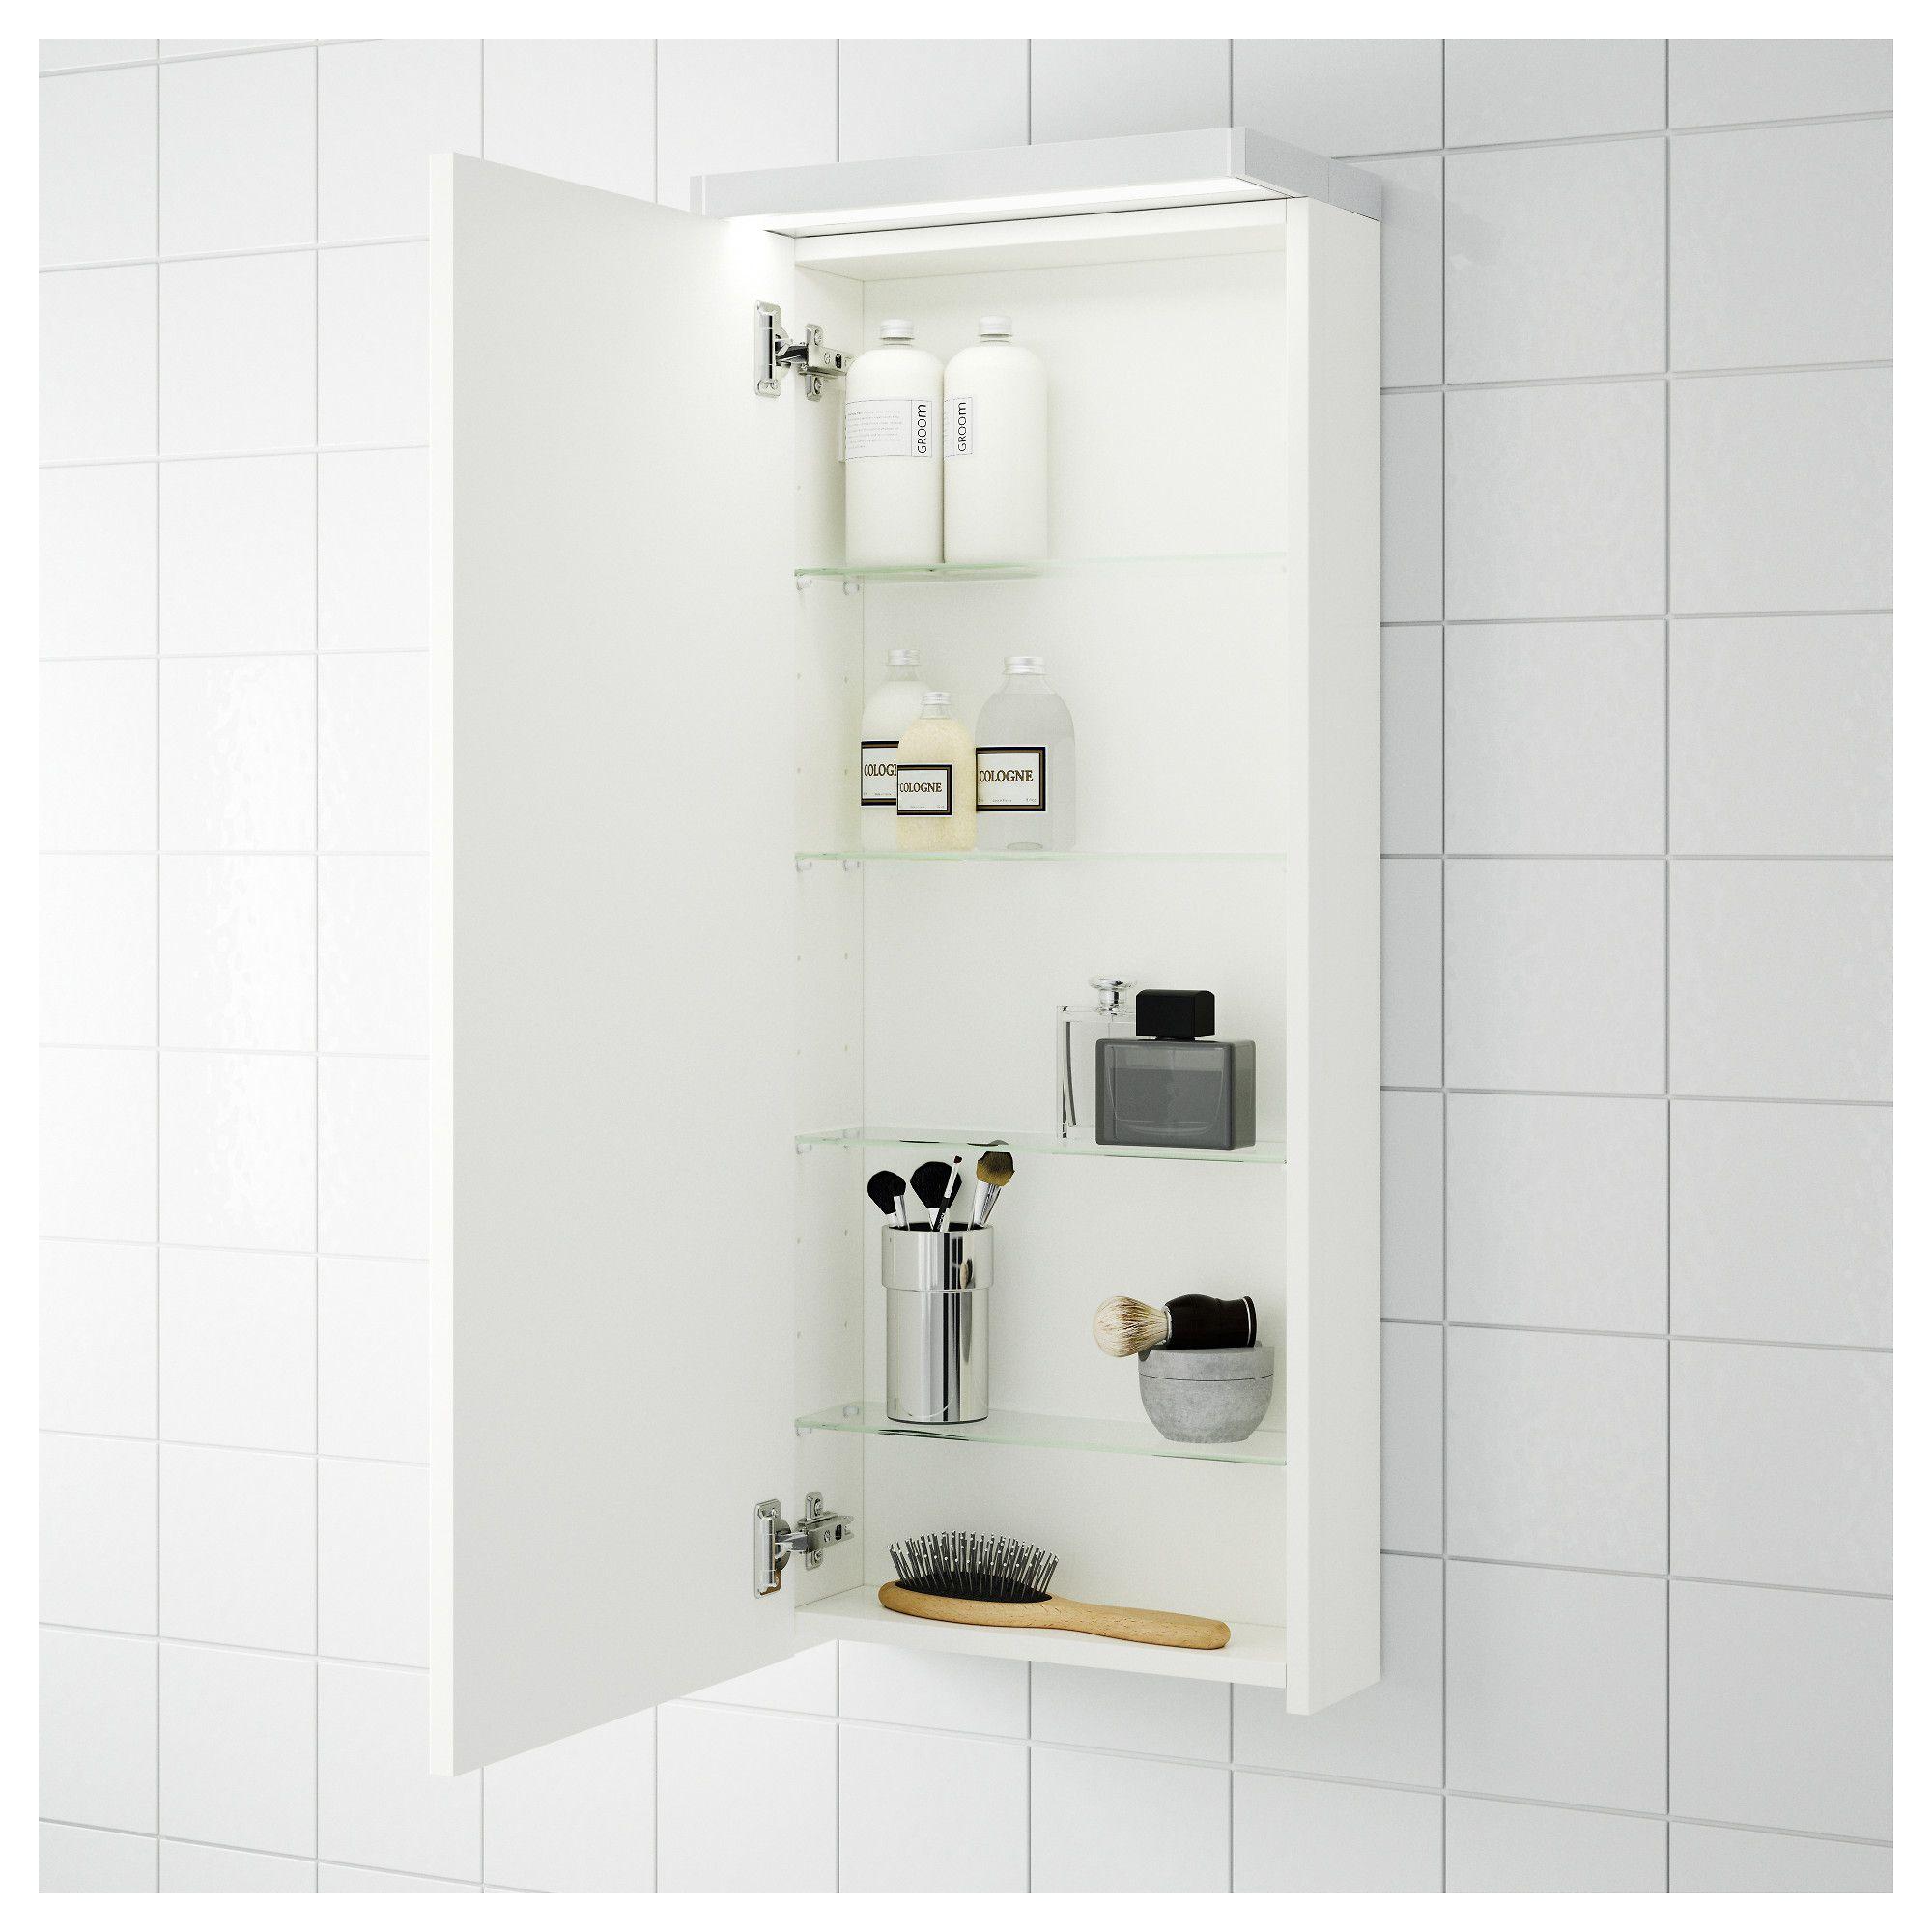 bathroom wall cabinets ikea IKEA   GODMORGON Wall cabiwith 1 door high gloss white in 2018  bathroom wall cabinets ikea